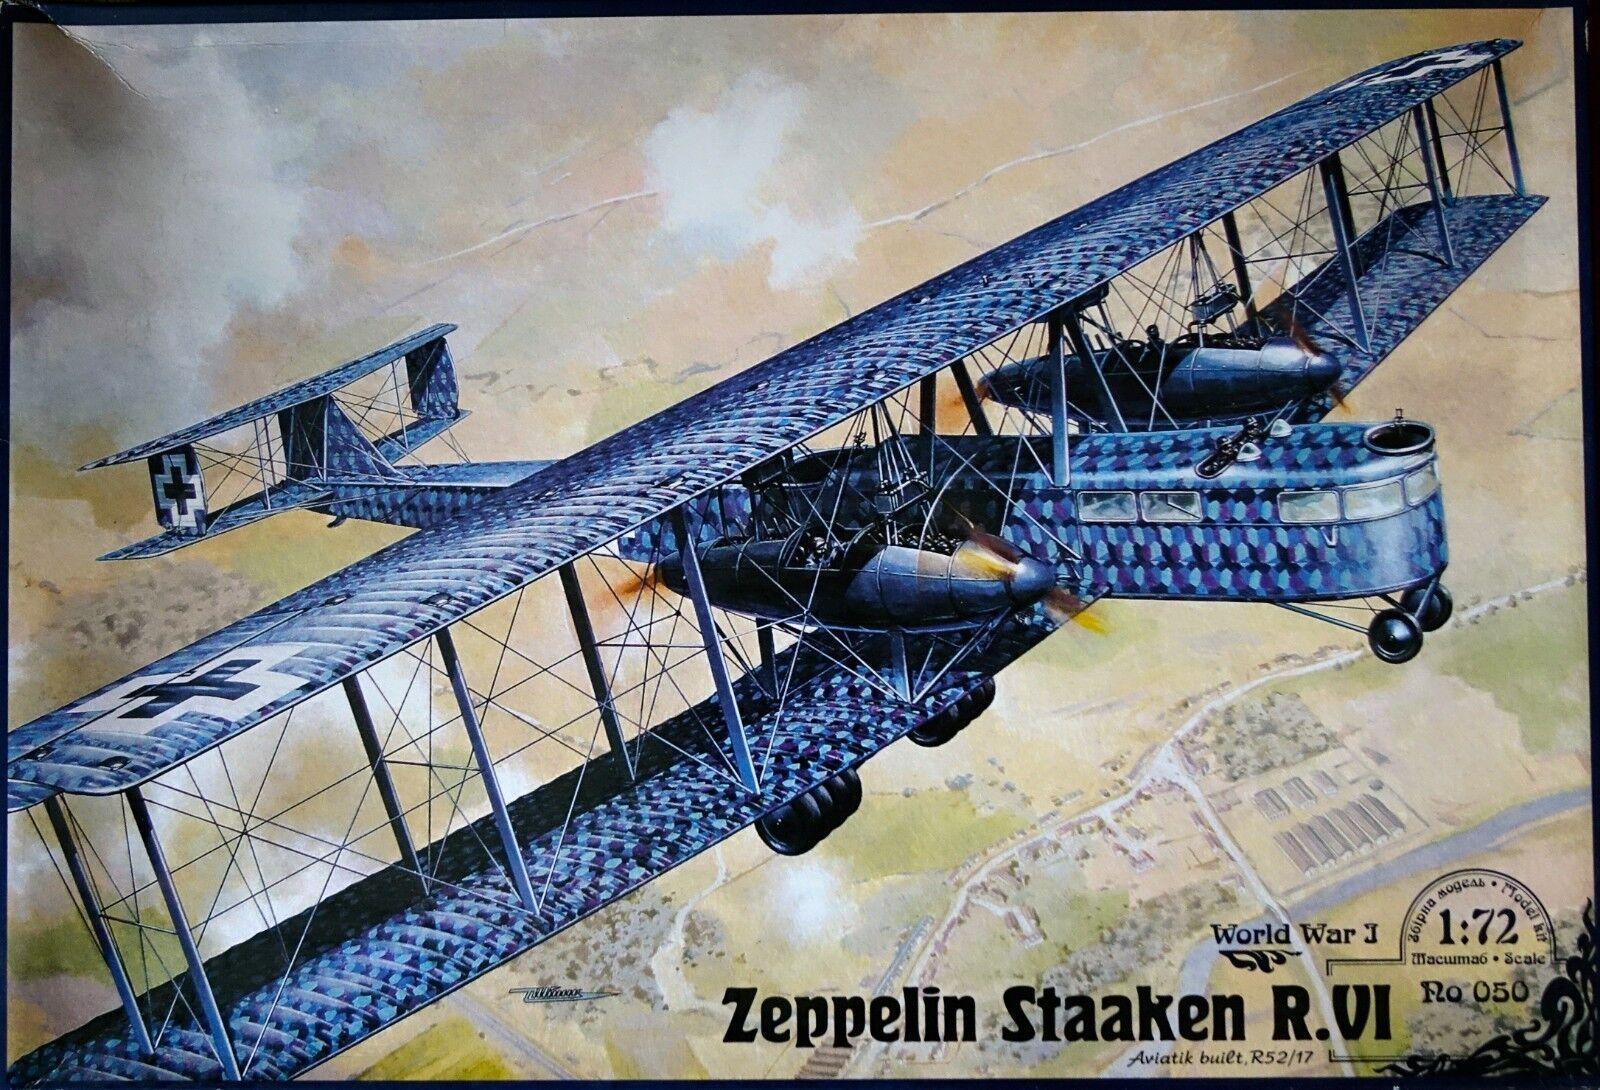 Roden Zeppelin Staaken R.VI Sene Aviatik -byggd R52  17 1  72 skala WI